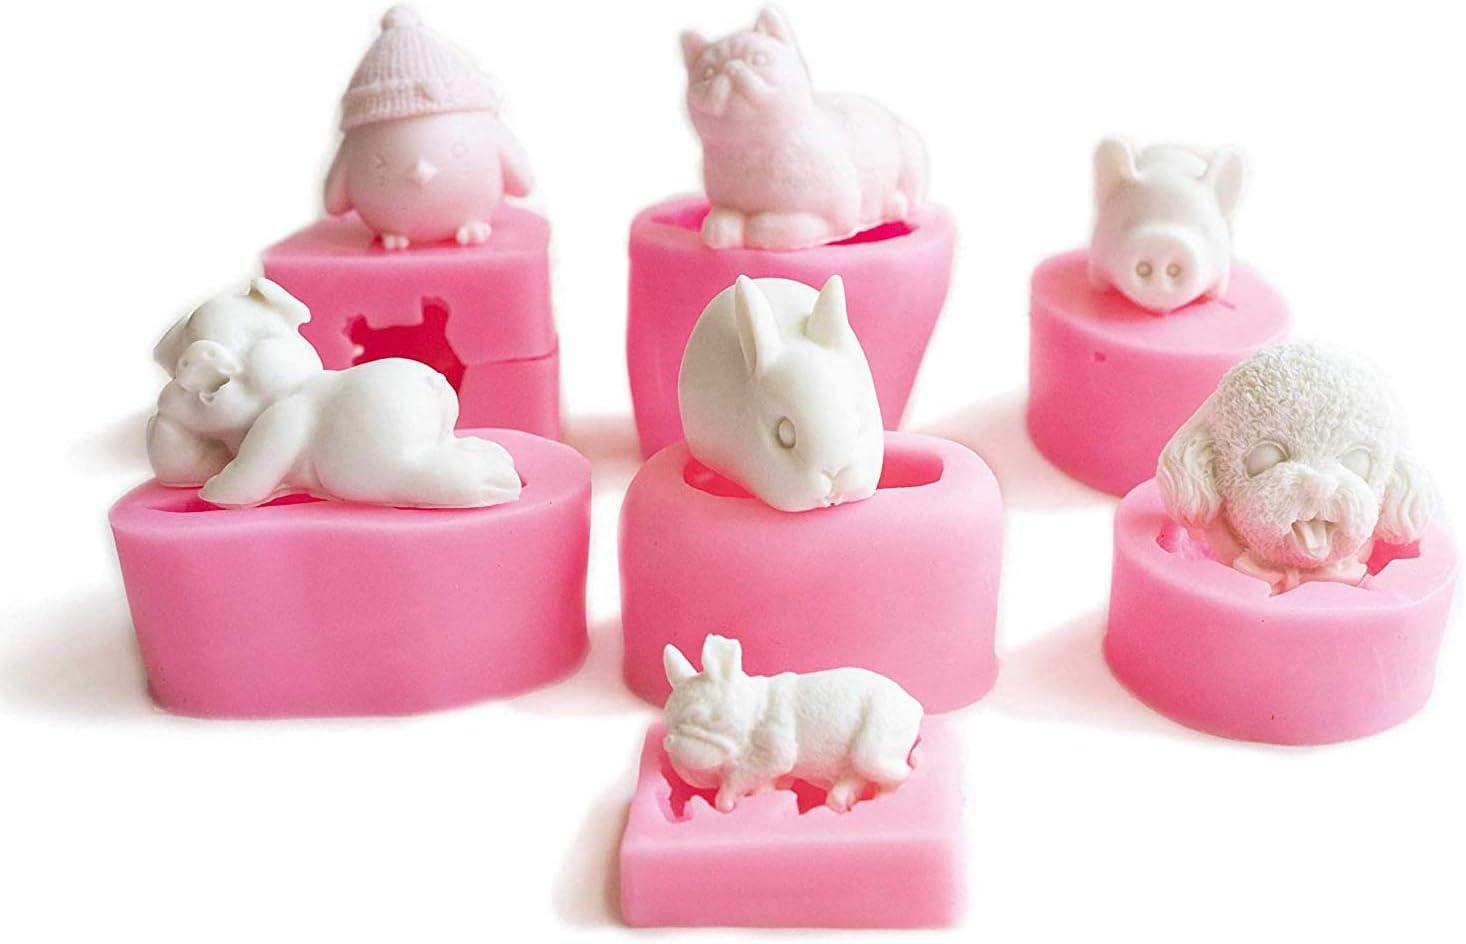 3DSchöne Katze Seifenform Silikon Kerzenform Fondant Schokoladenkuchen mooY/_yk